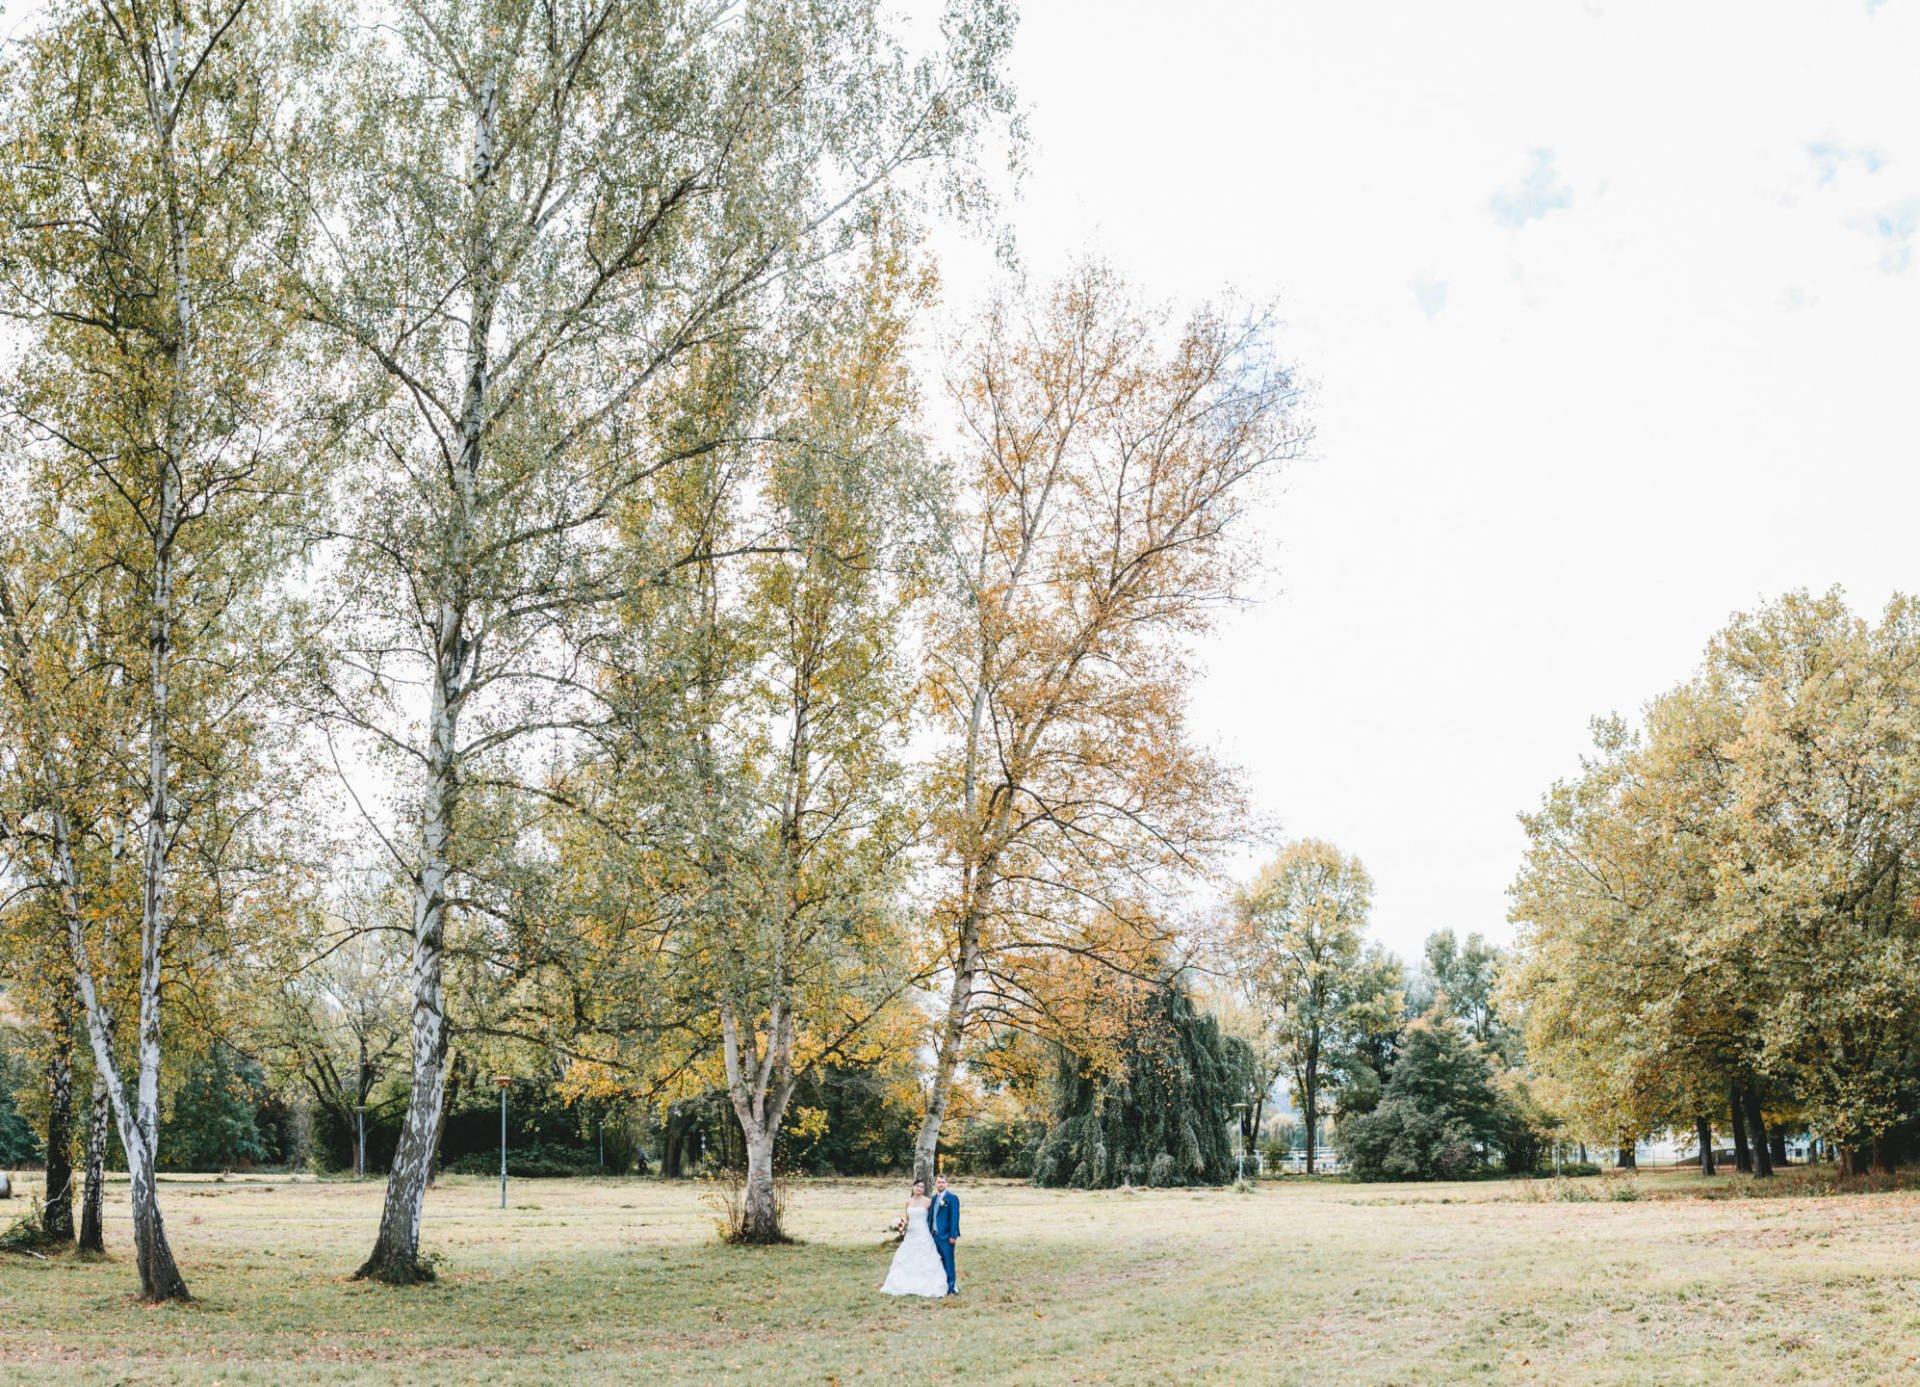 Hochzeitsreportage | Hochzeit im Paradies Jena | 22